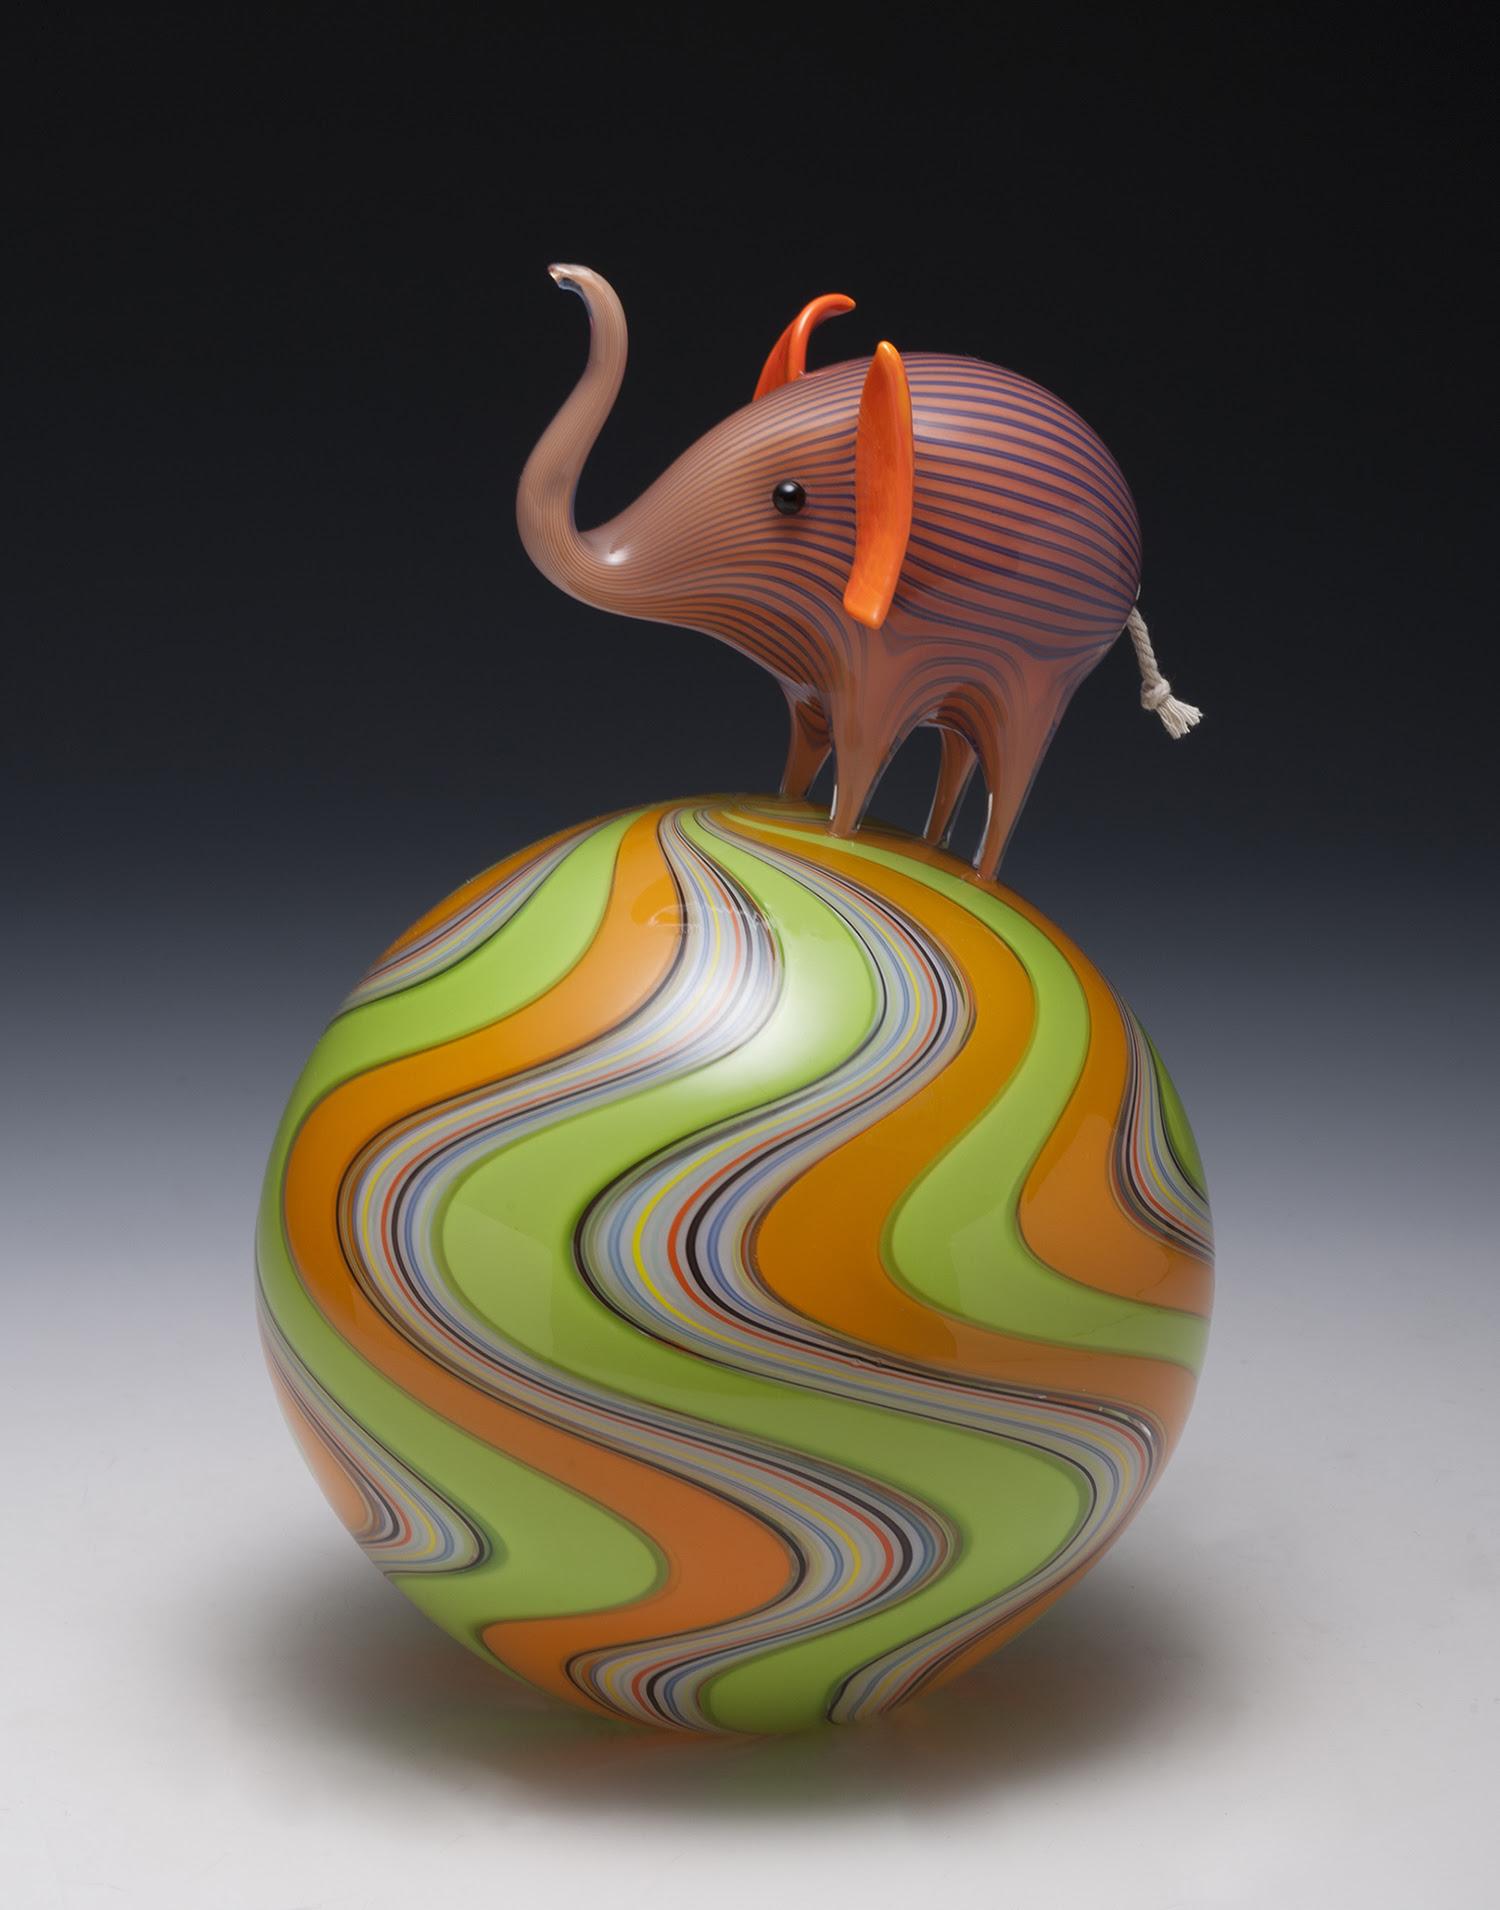 Suggestivi animali in vetro soffiato di Claire Kelly